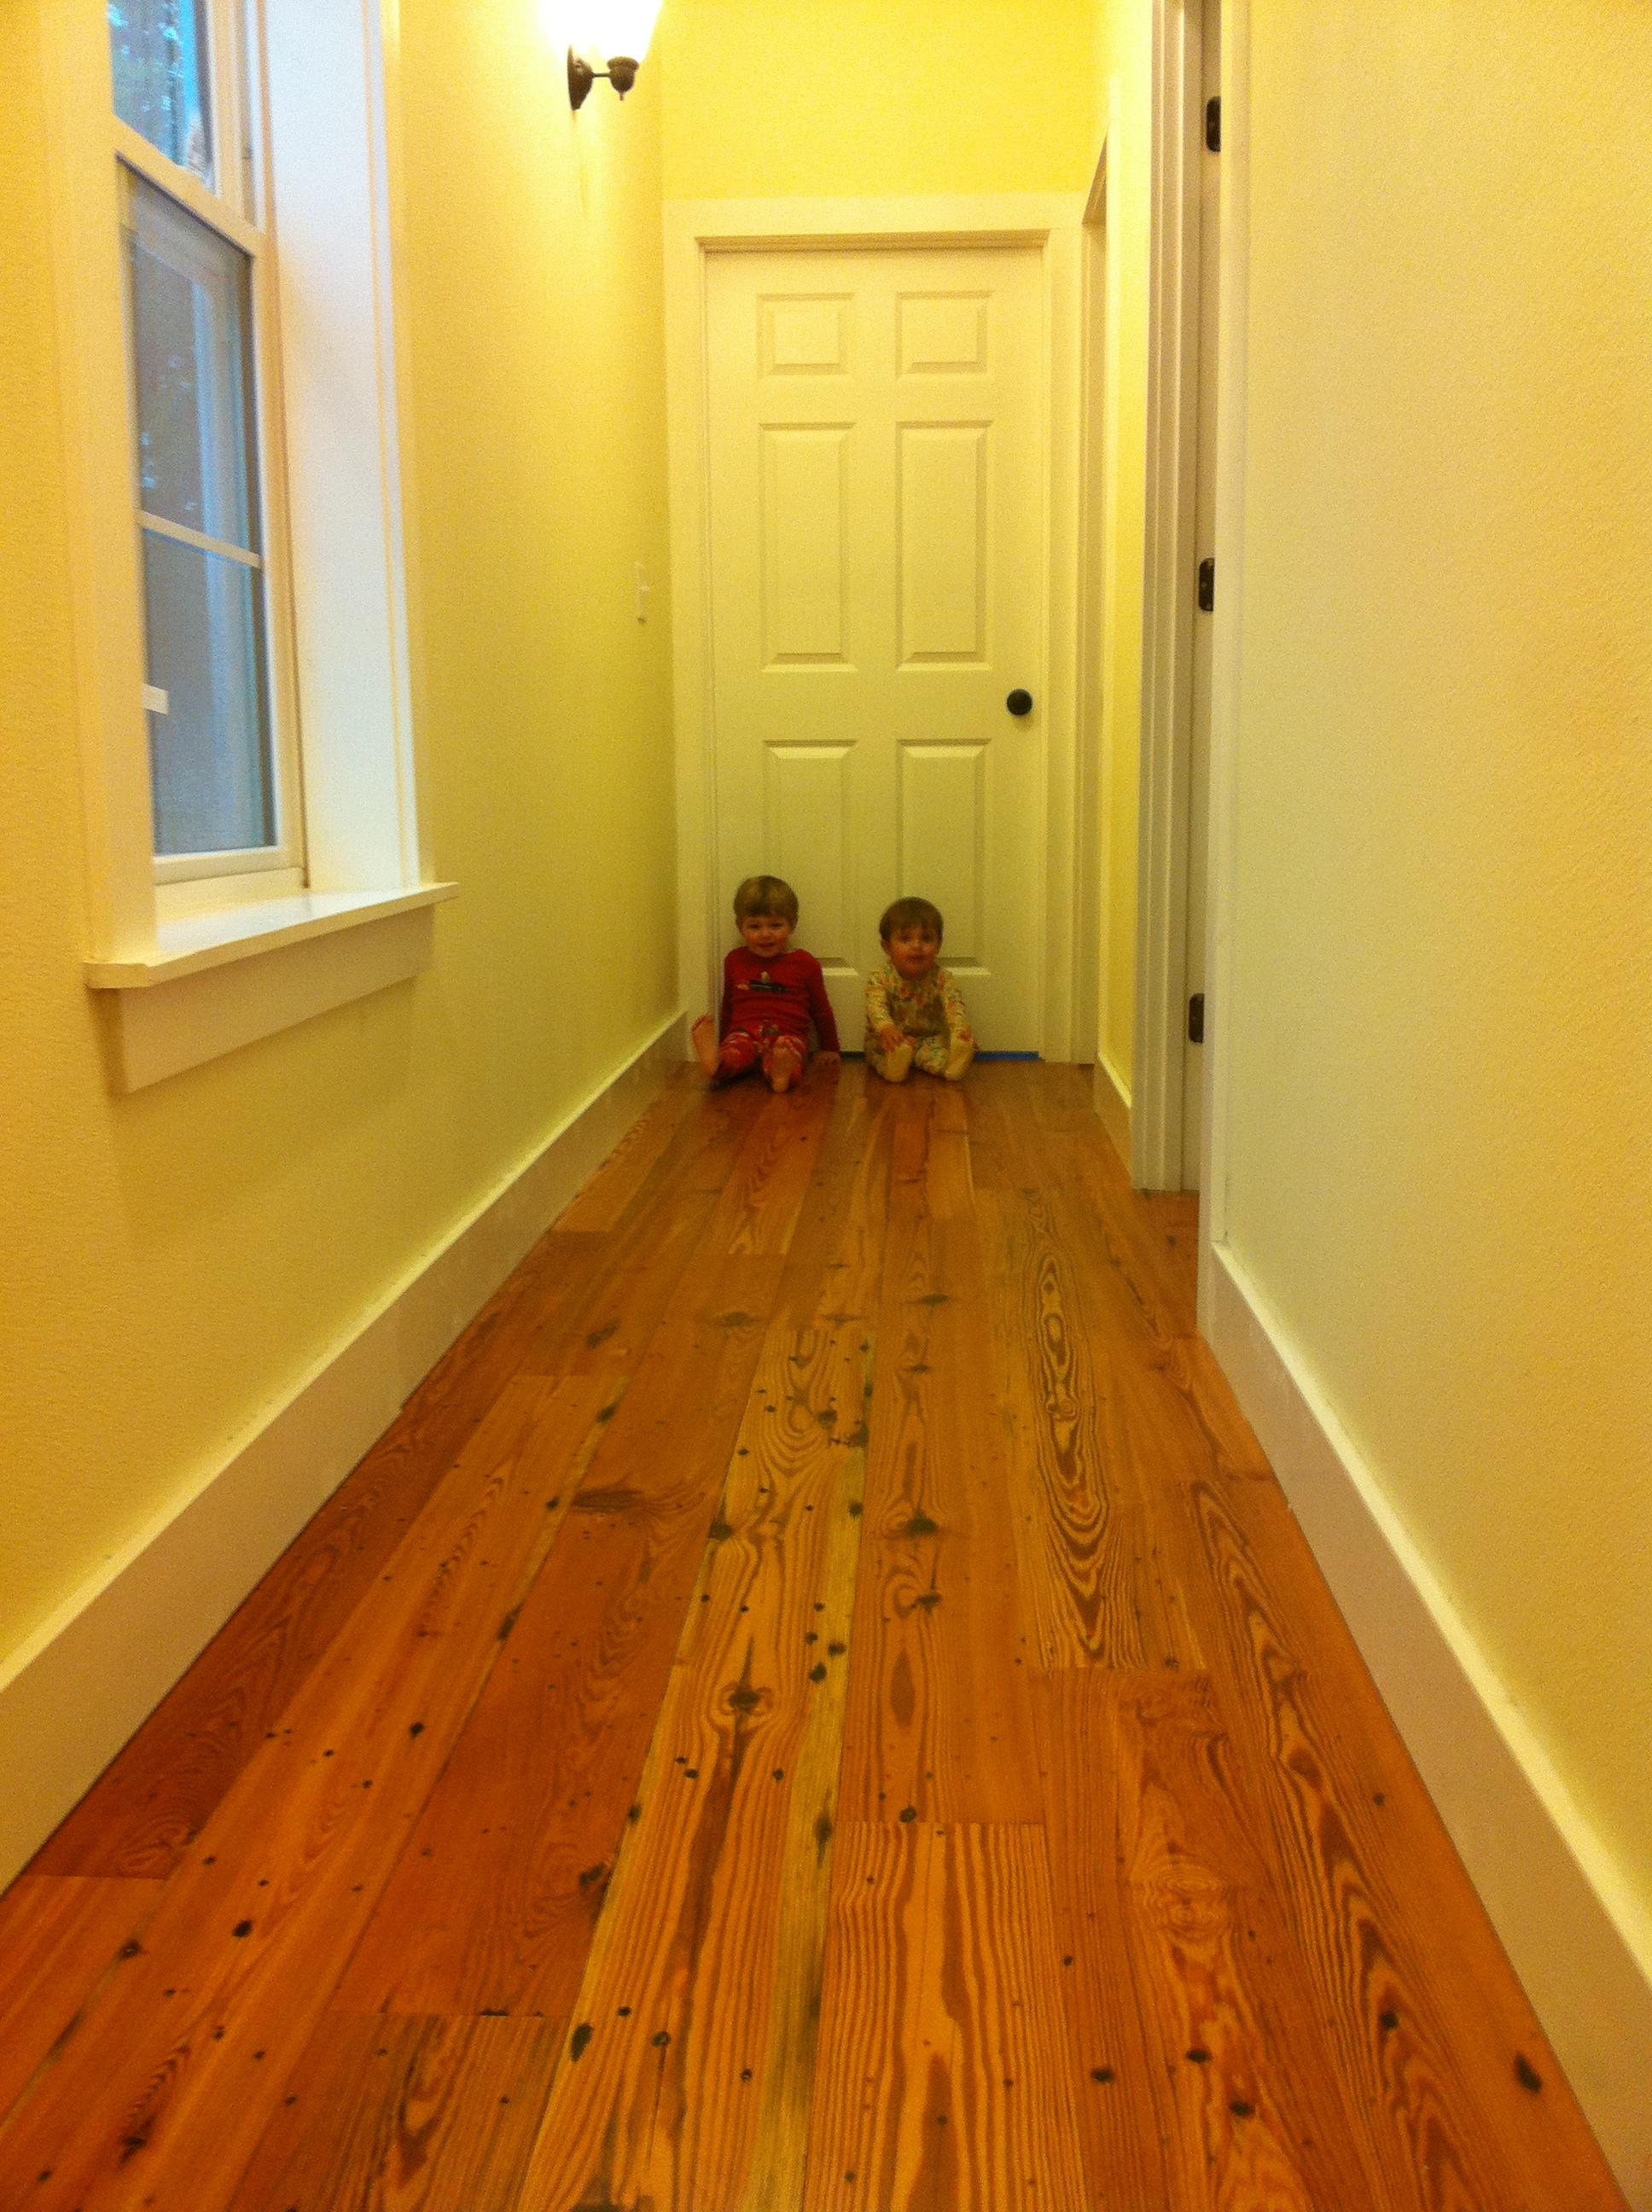 Why Boys Should Grow Up On Hardwood Floors